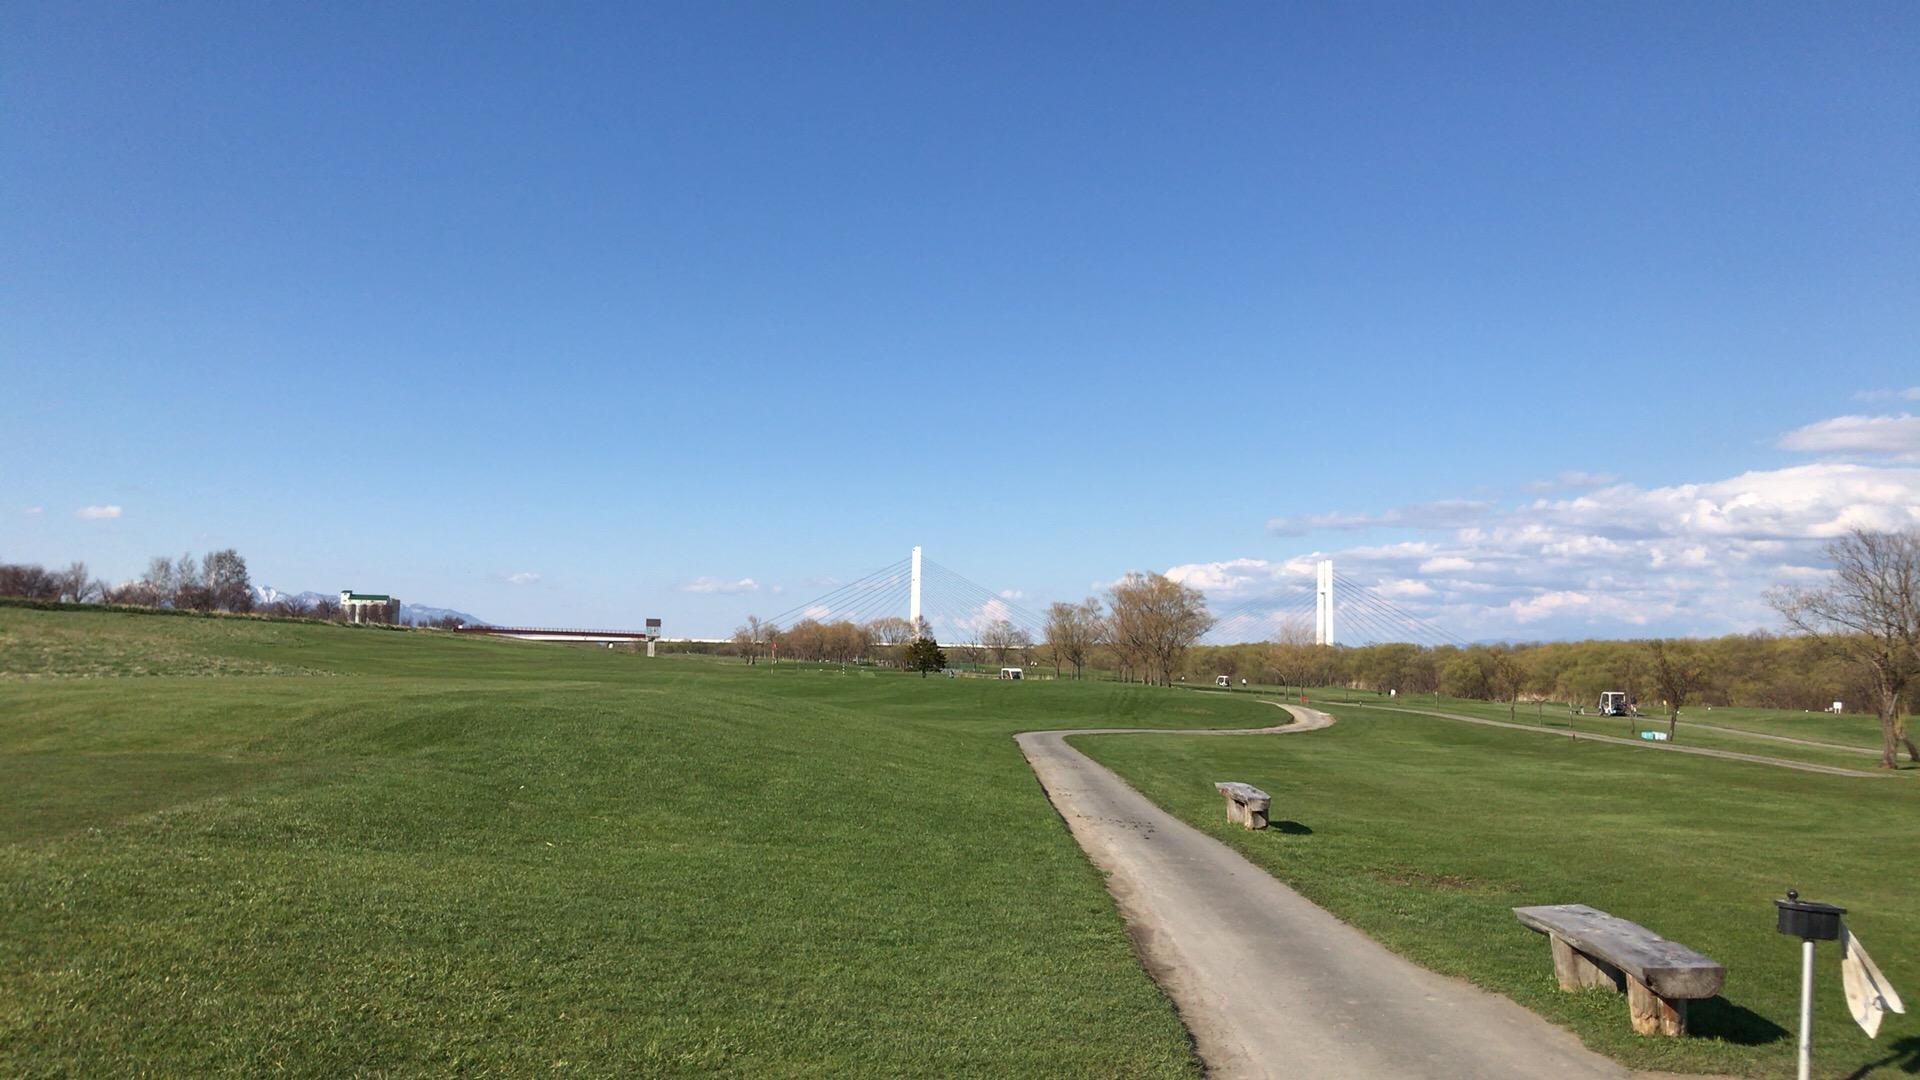 ニューしのつゴルフ場で復調好調ラウンド